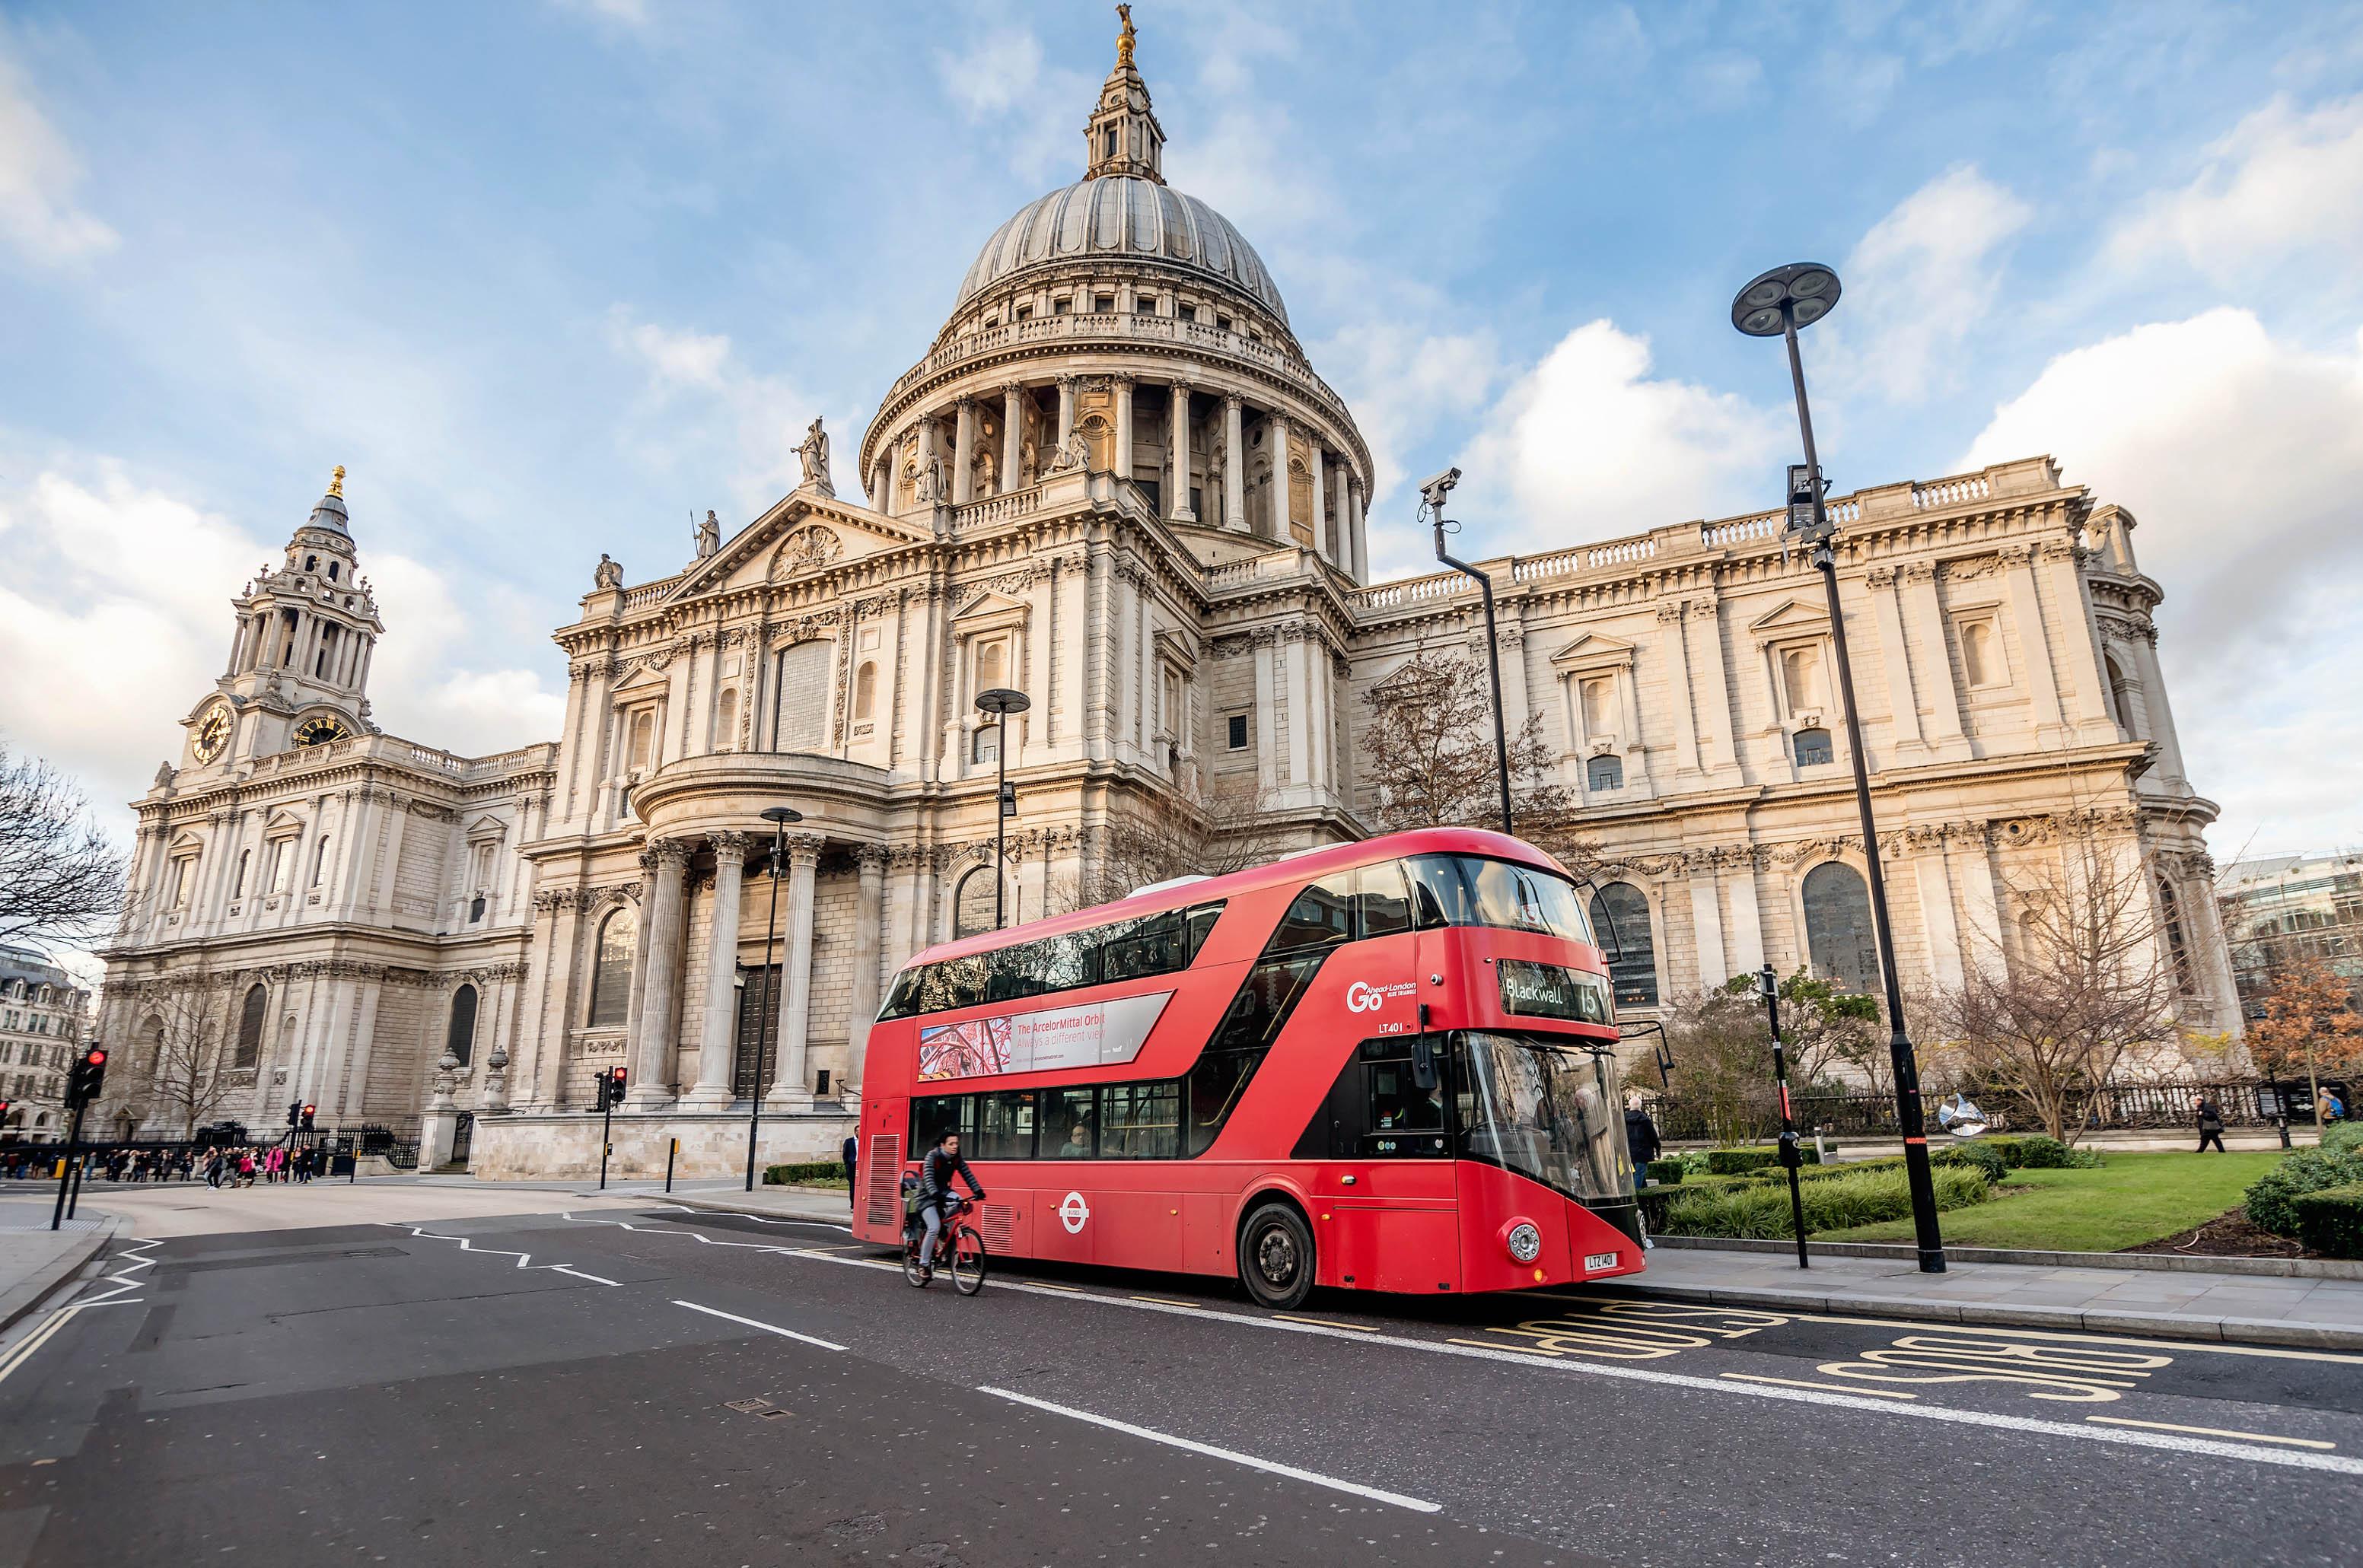 Красный автобус на улице Лондона, столицы Великобритании, ПМЖ которой могут получить россияне, украинцы и белорусы